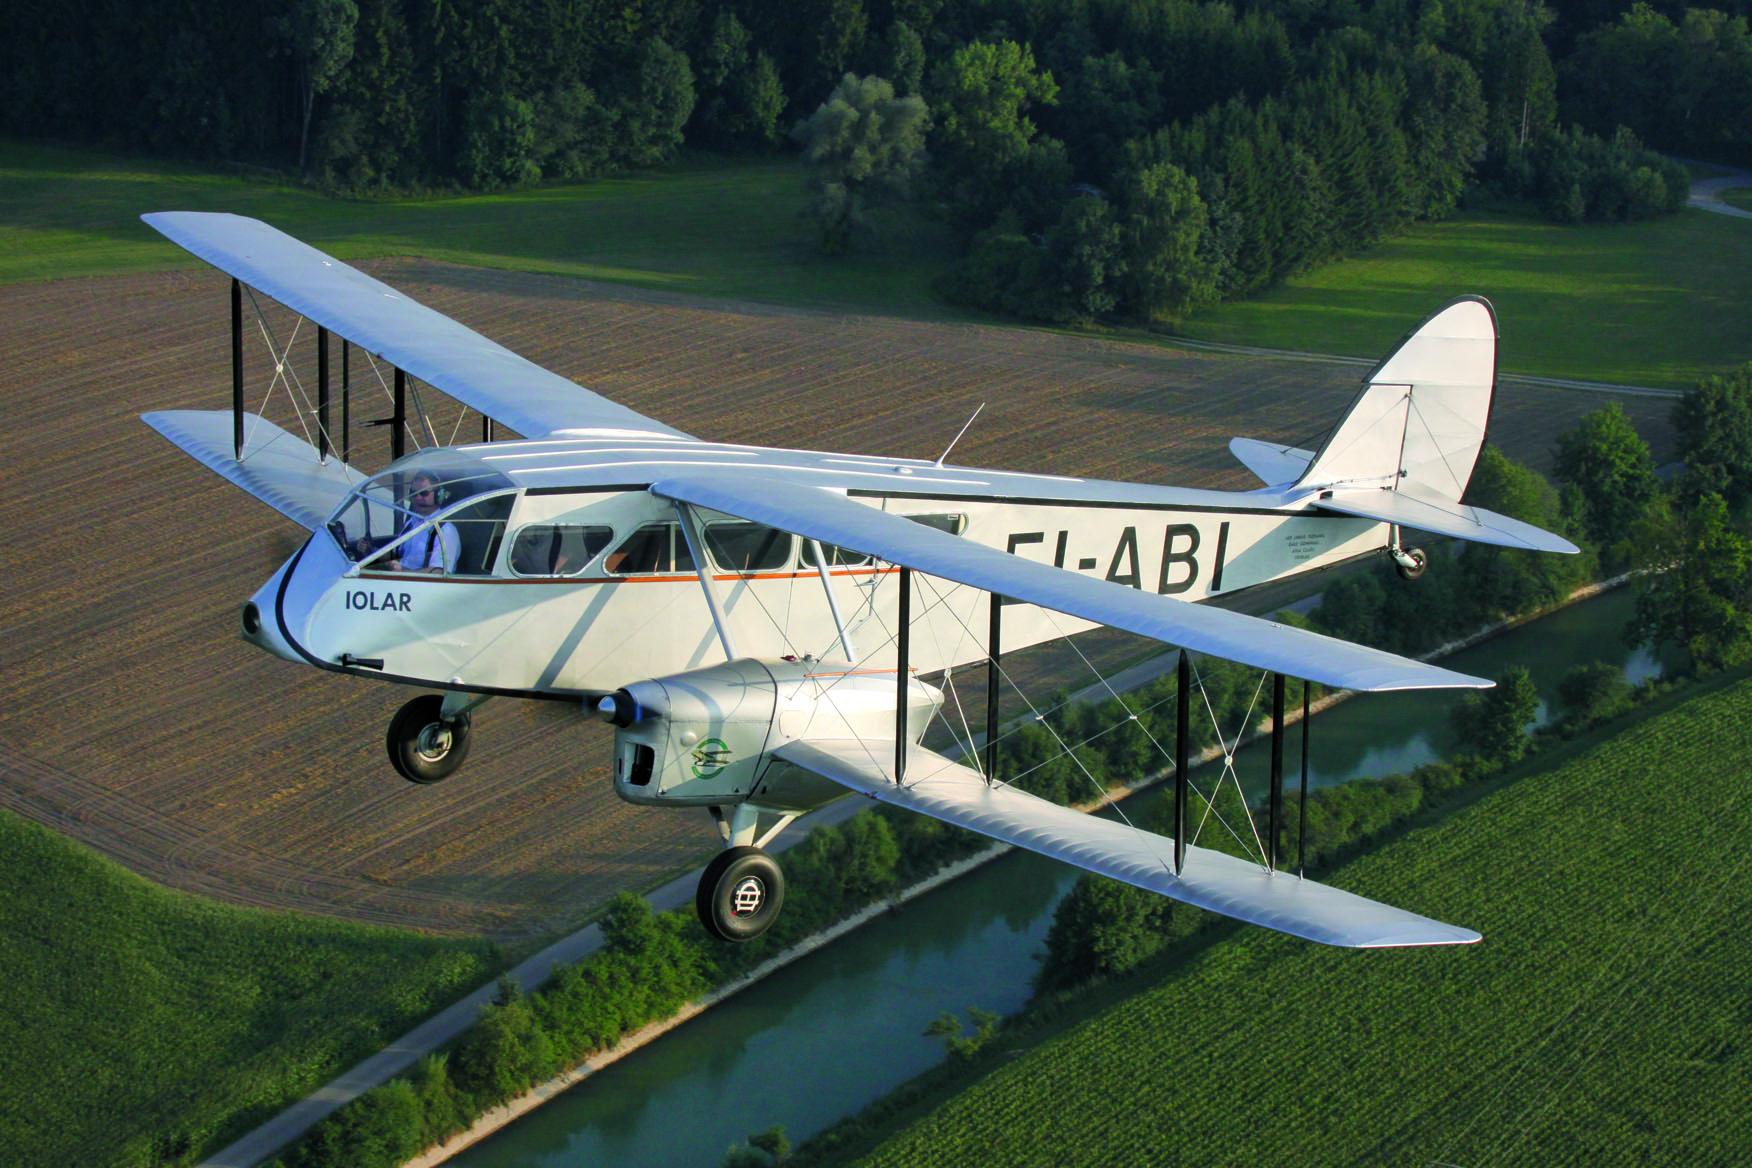 Gallery De Havilland Dh84 Dragon Flight Journal